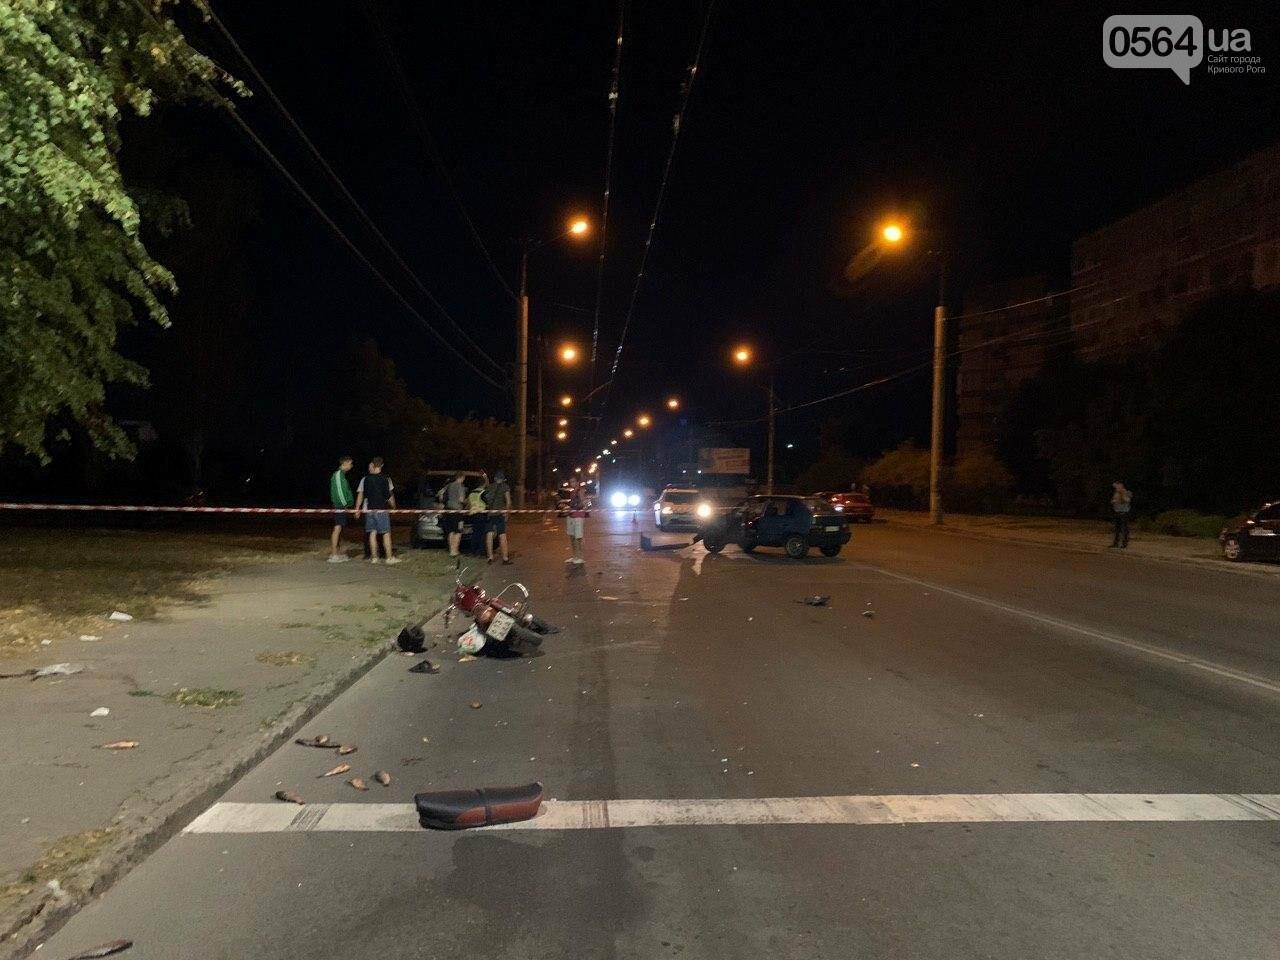 Ночью в Кривом Роге столкнулись легковой автомобиль и мотоцикл. Водитель мотоцикла госпитализирован, - ФОТО, фото-2